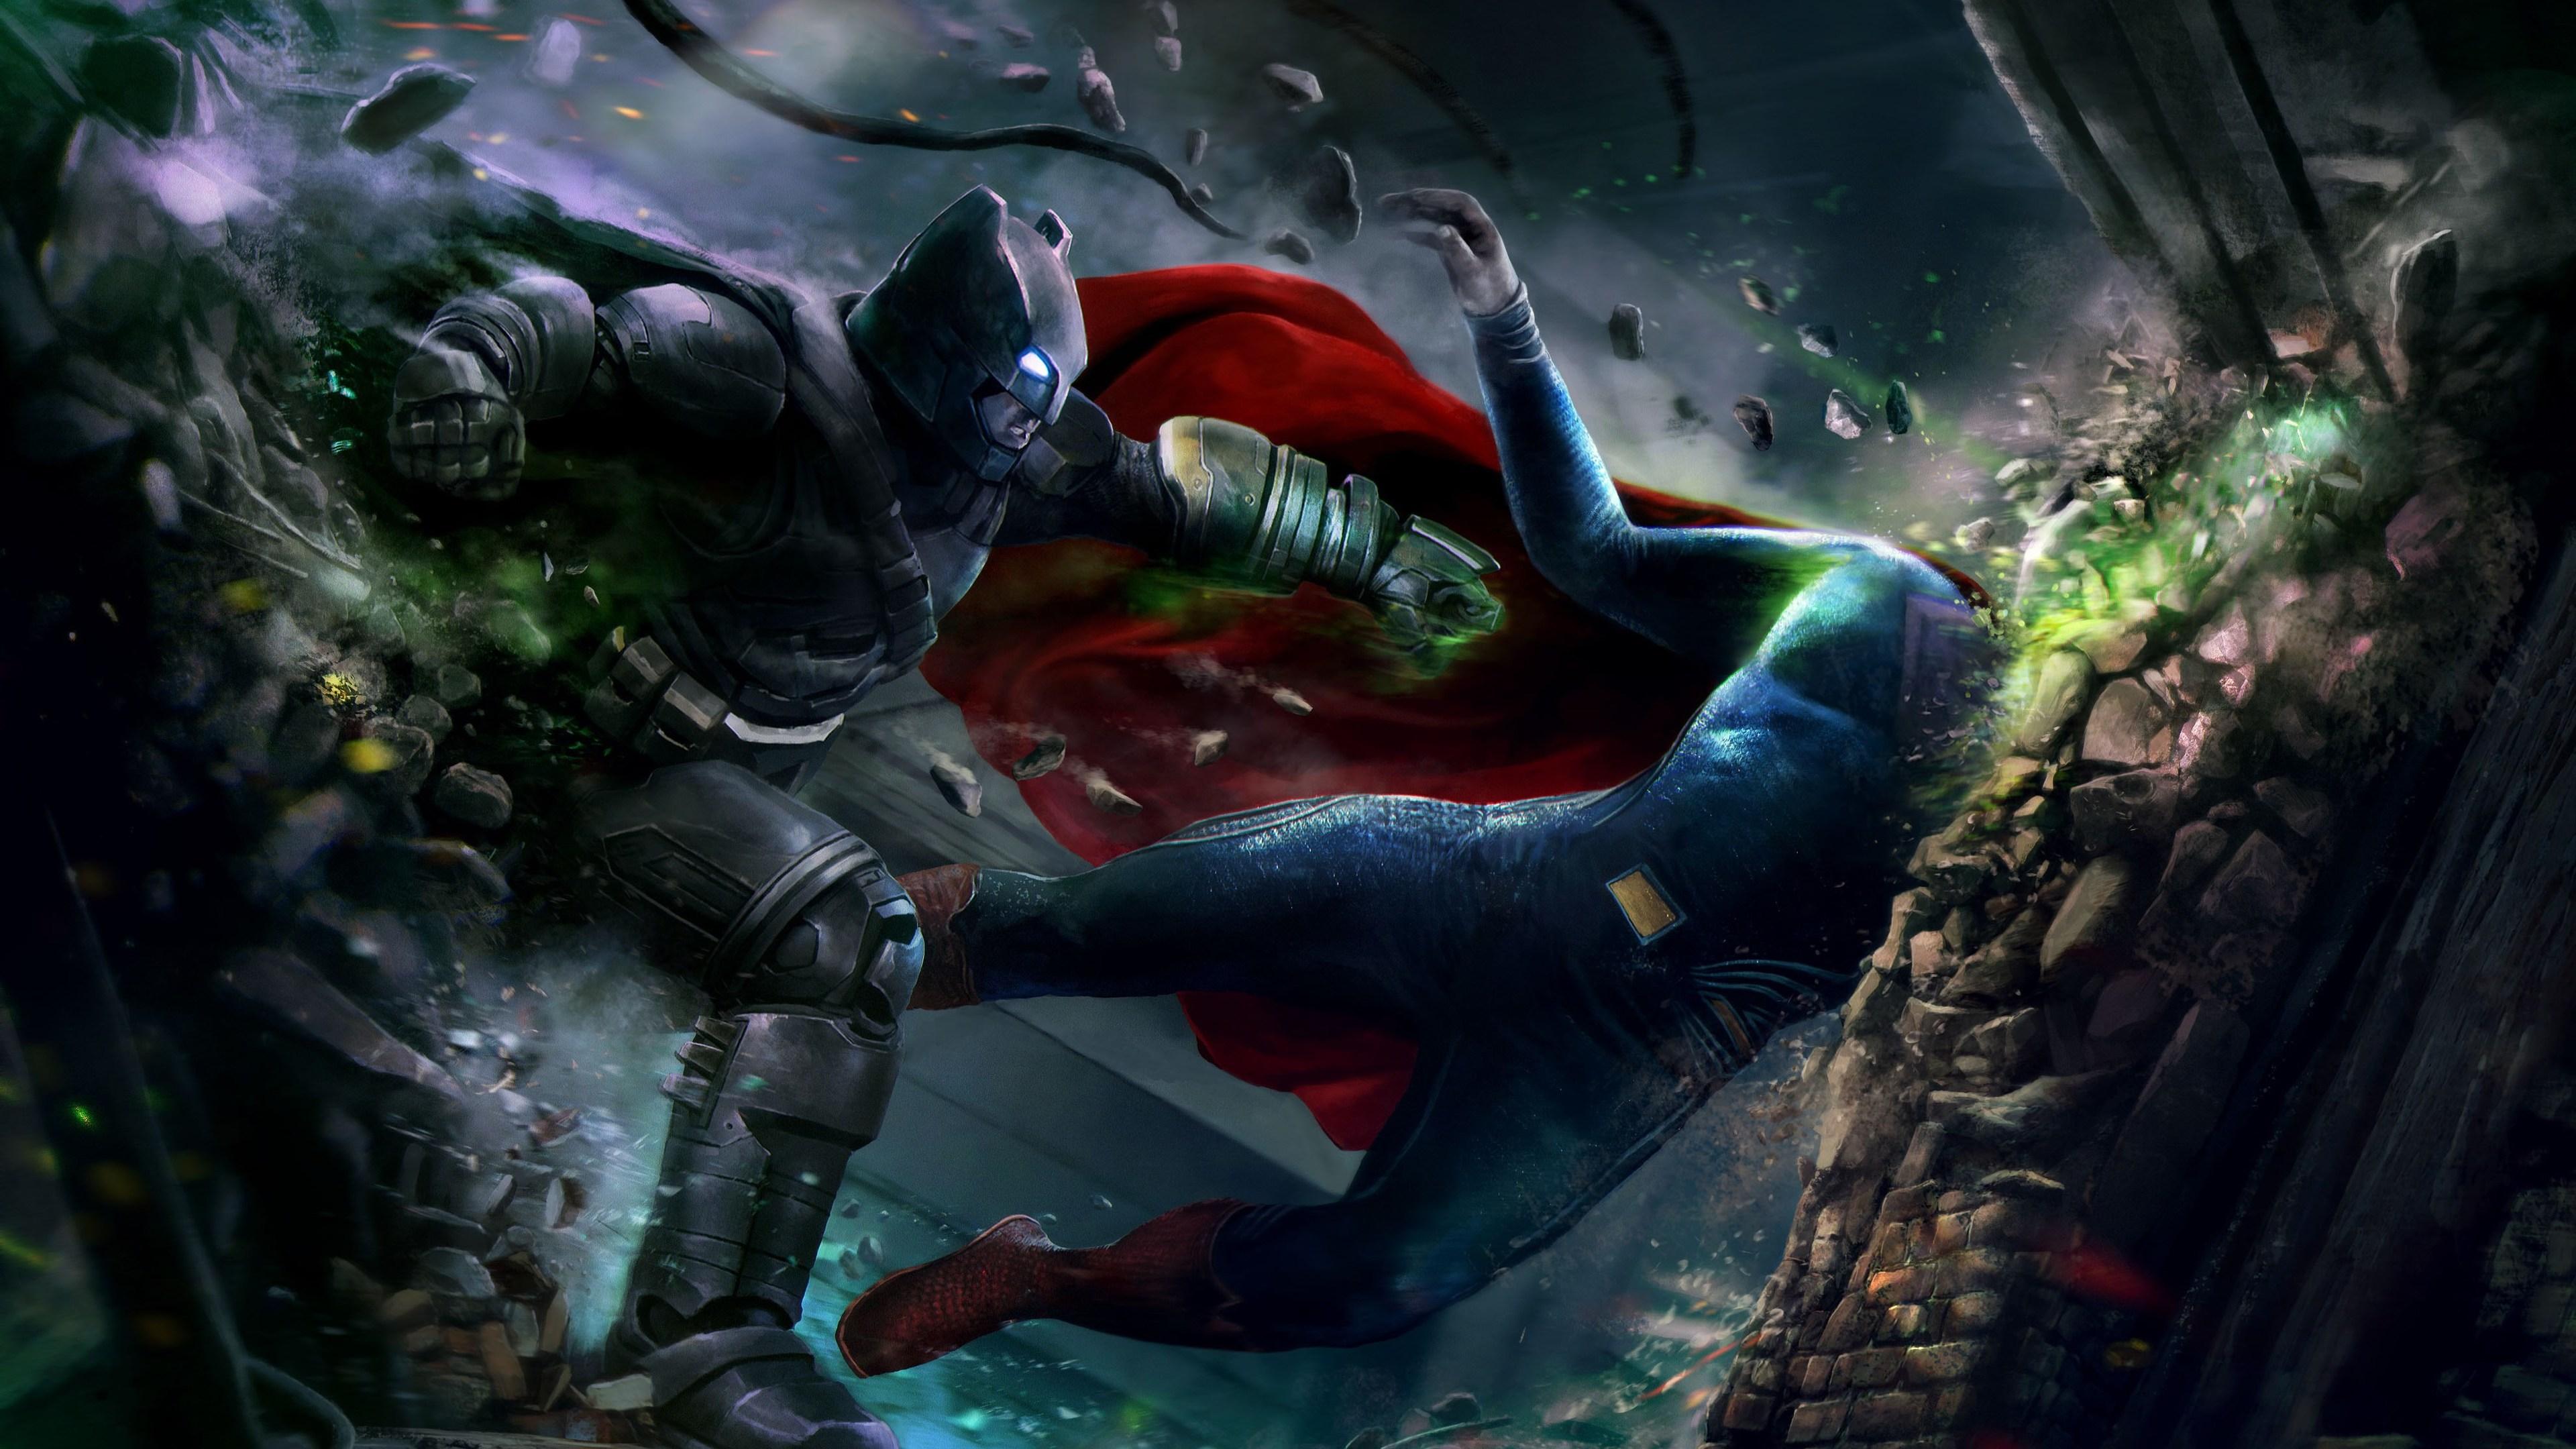 batman v superman best art 1536507245 - Batman V Superman Best Art - superman wallpapers, super heroes wallpapers, deviantart wallpapers, batman wallpapers, batman vs superman wallpapers